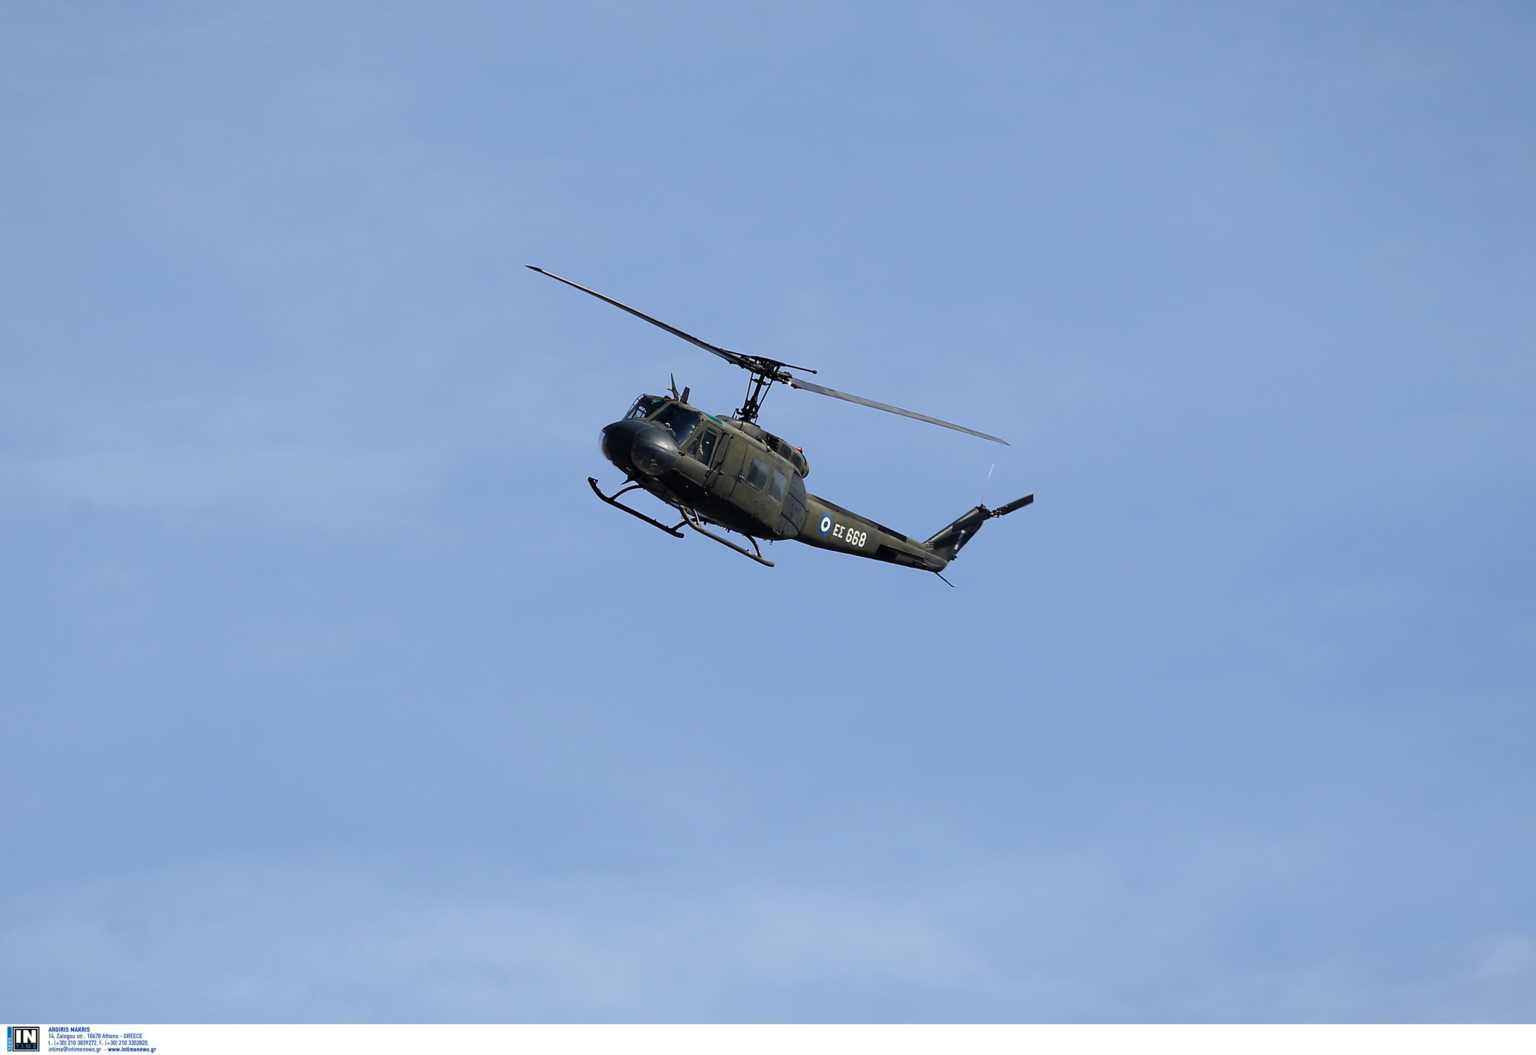 ΕΚΤΑΚΤΟ – Αγνοείται ελικόπτερο του ΝΑΤΟ κοντά στην Κεφαλονιά